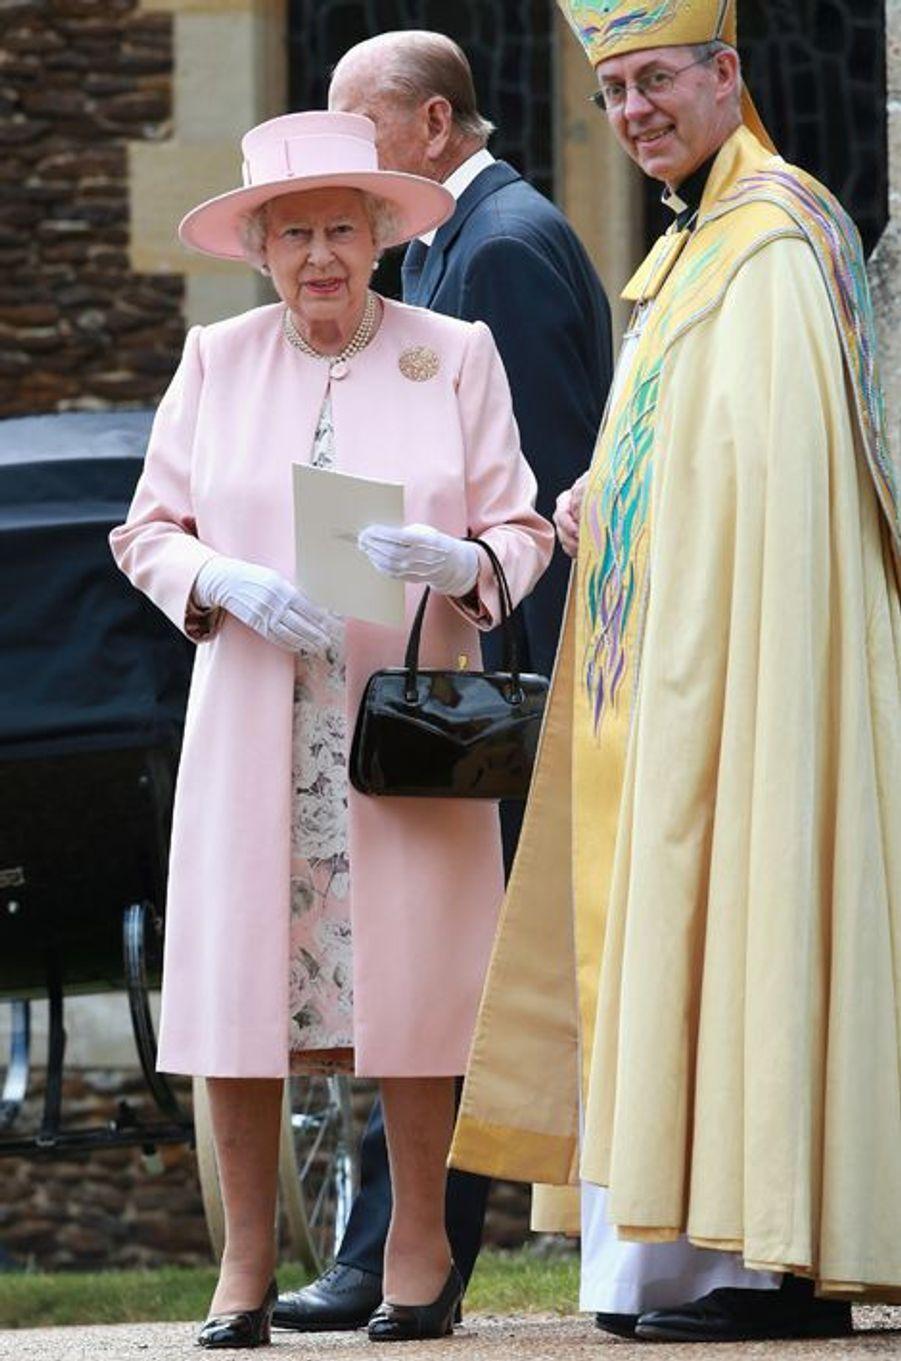 La reine Elizabeth II au baptême de la princesse Charlotte à Sandringham, le 5 juillet 2015